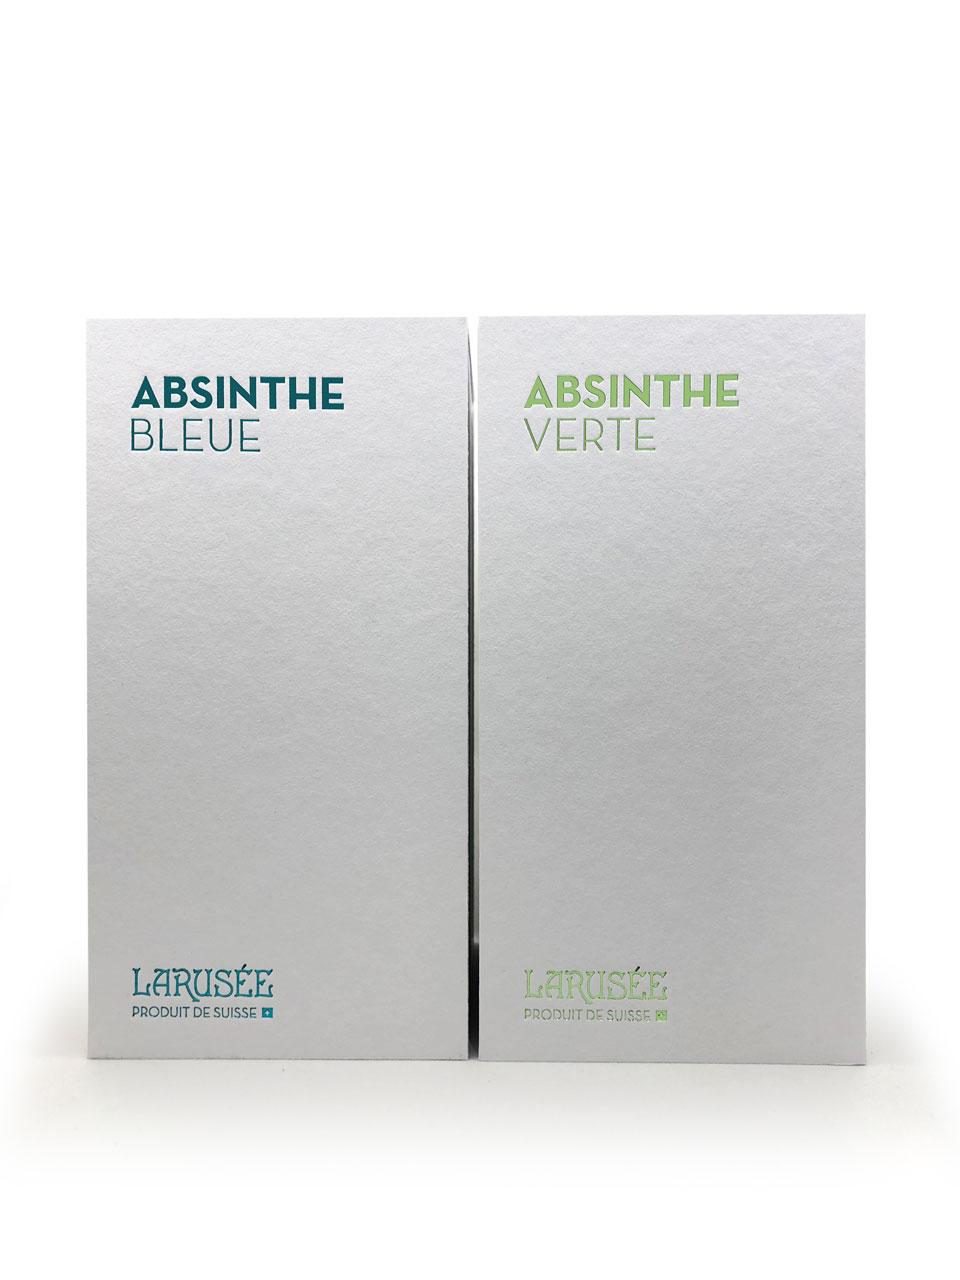 Packagings Larusée 2020